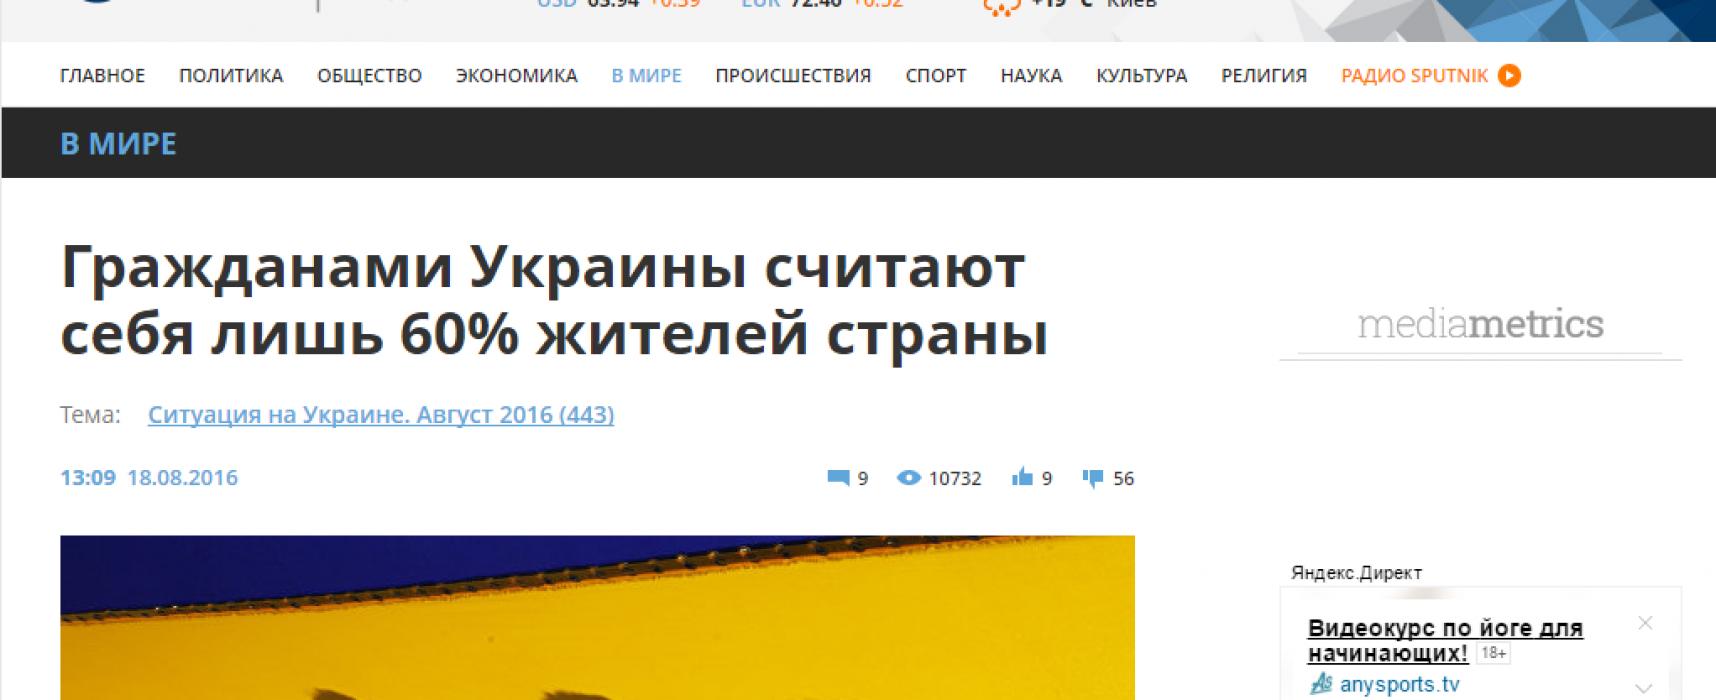 V předvečer ukrajinského dne nezávislosti ruská média překrucují výsledky průzkumu veřejného mínění